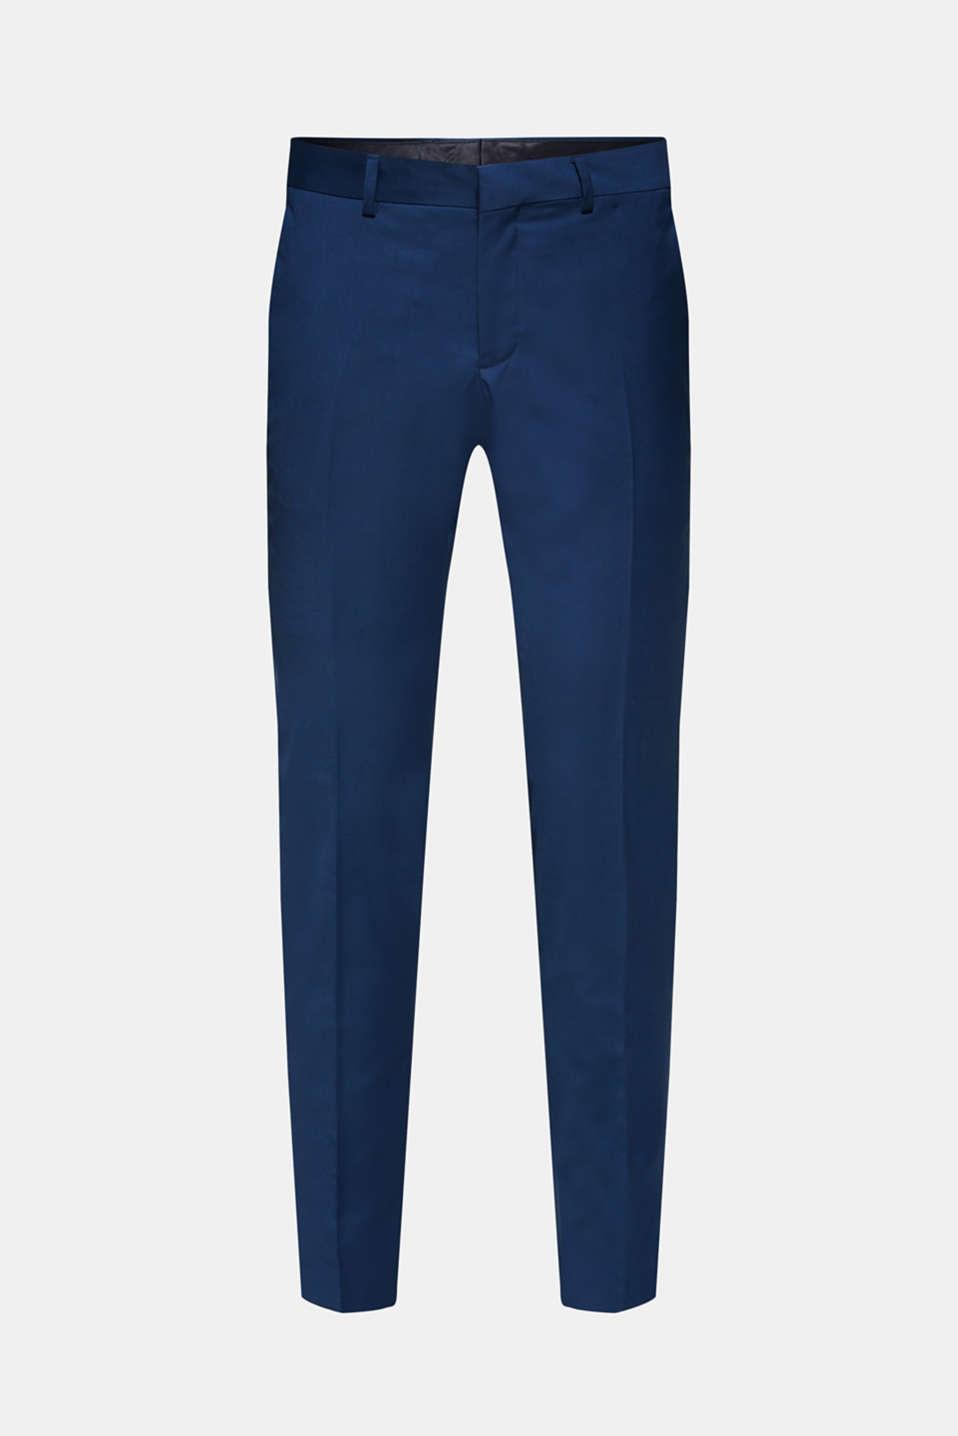 Pants suit, BLUE, detail image number 5